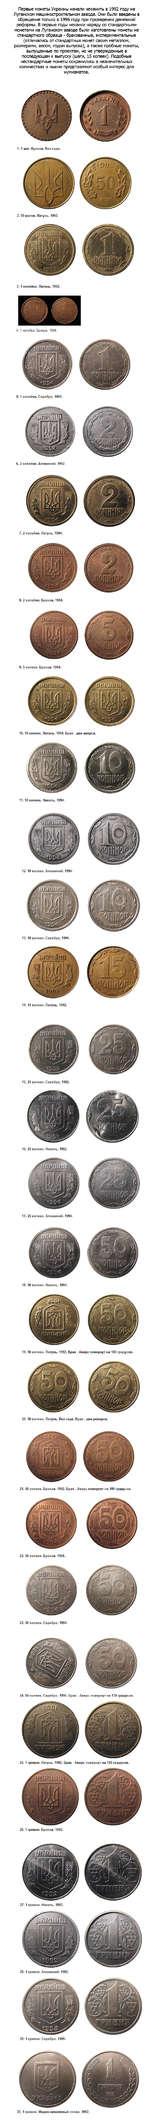 Первые монеты Украины начали чеканить в 1992 году на Луганском машиностроительном заводе. Они были введены в обращение только в 1996 году при проведении денежной реформы. В первые годы чеканки наряду со стандартными монетами на Луганском заводе были изготовлены монеты не стандартного образца - брак